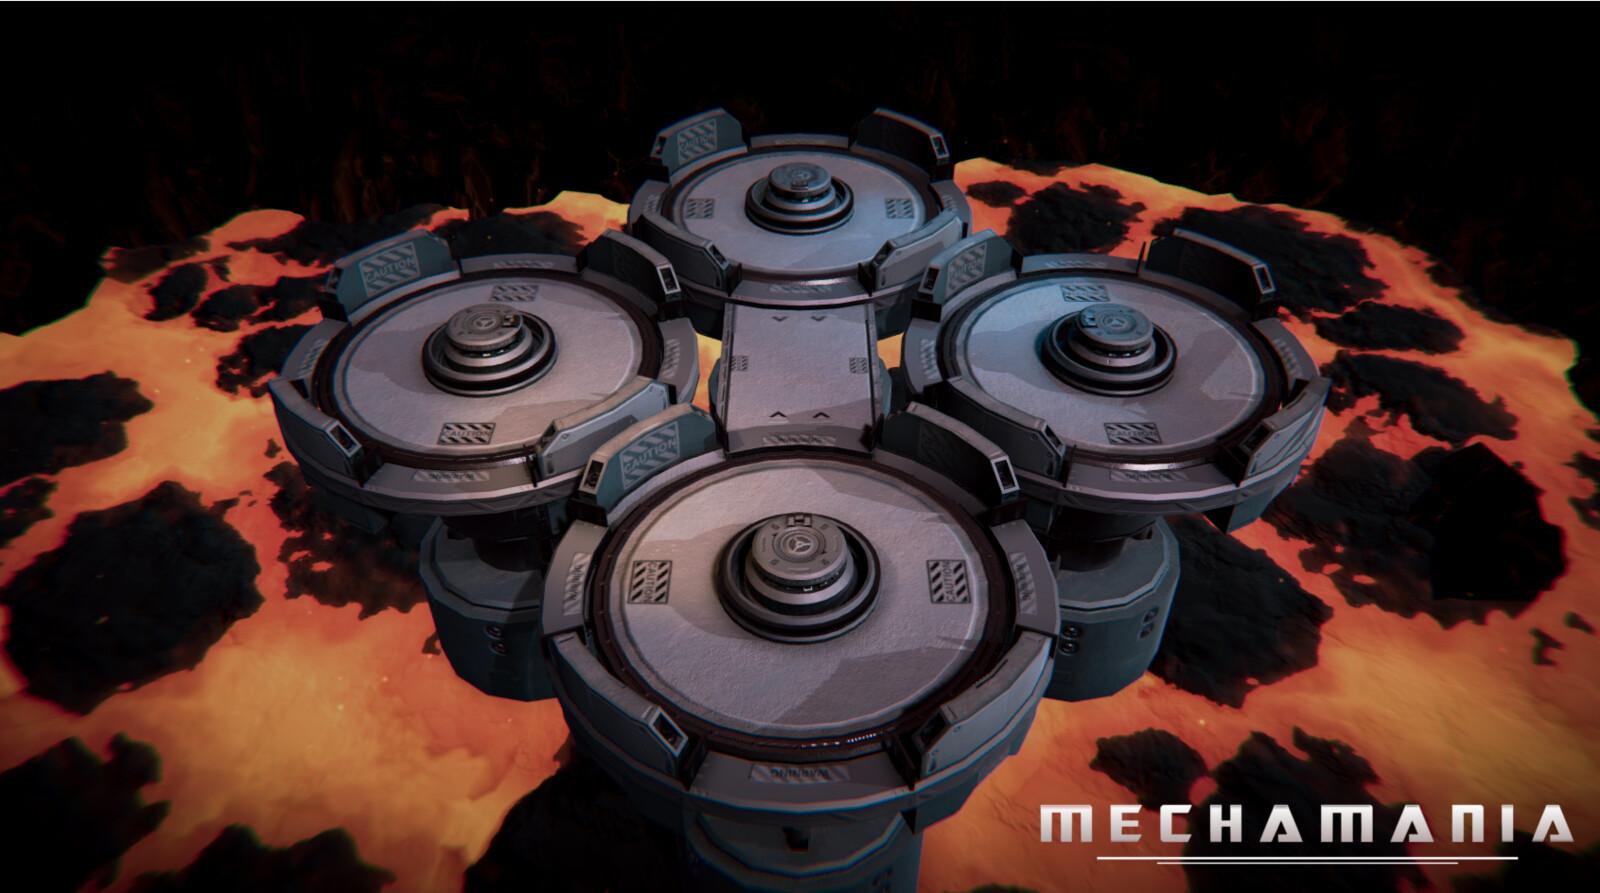 Level 2: Power Core. Rotating platforms and bridges create unique challenges.